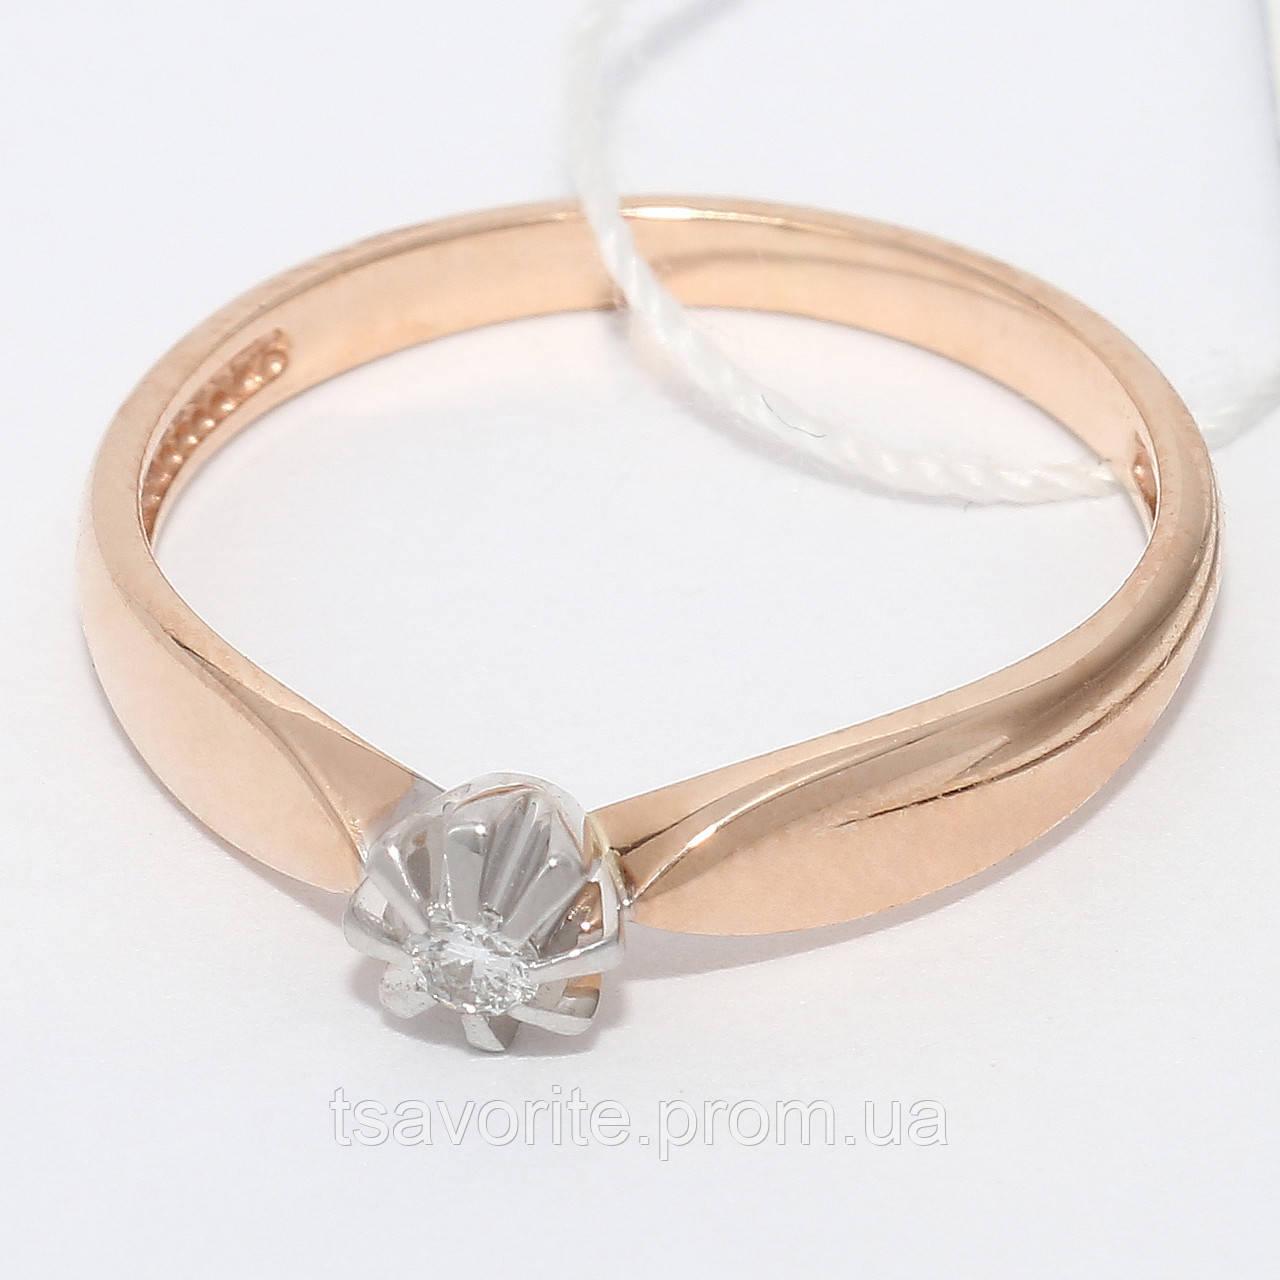 Золотое кольцо с бриллиантом НХК-38